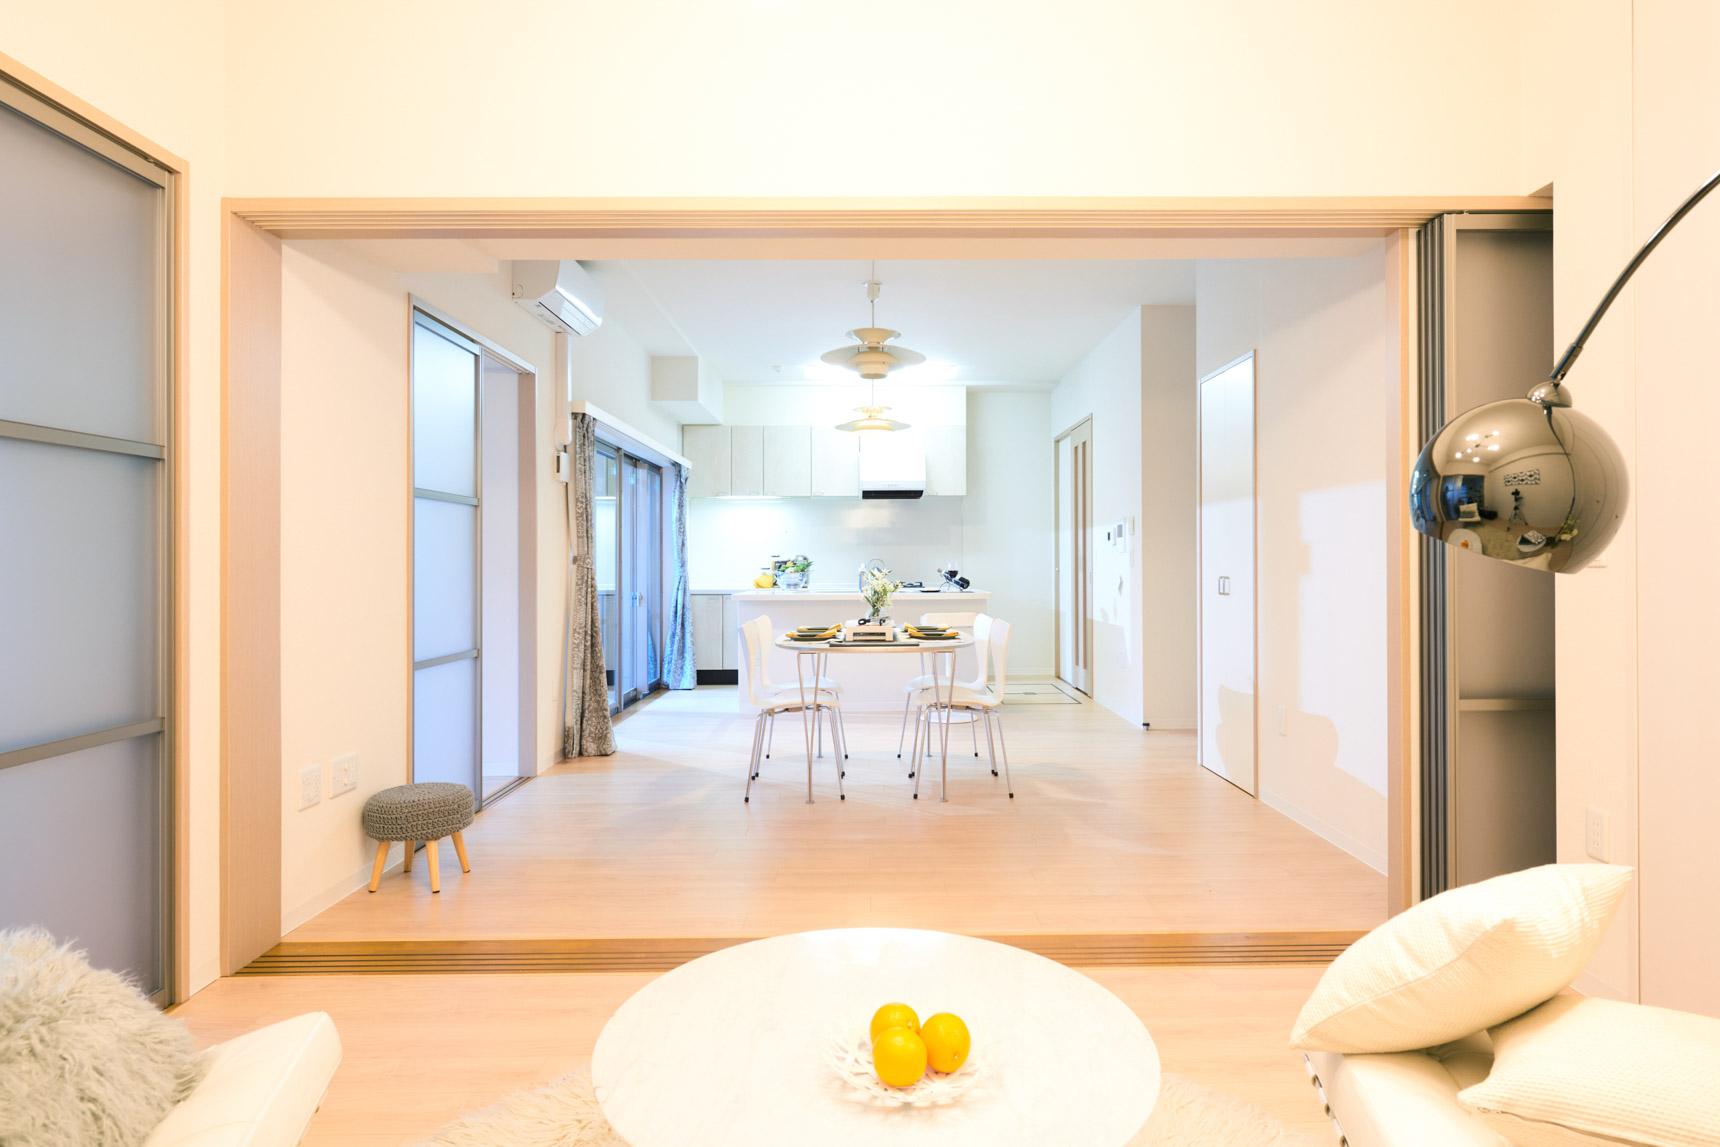 15.8畳のLDKの隣には、6.7畳の洋室があり、引き戸をあけて使うと20畳以上の広い空間に。